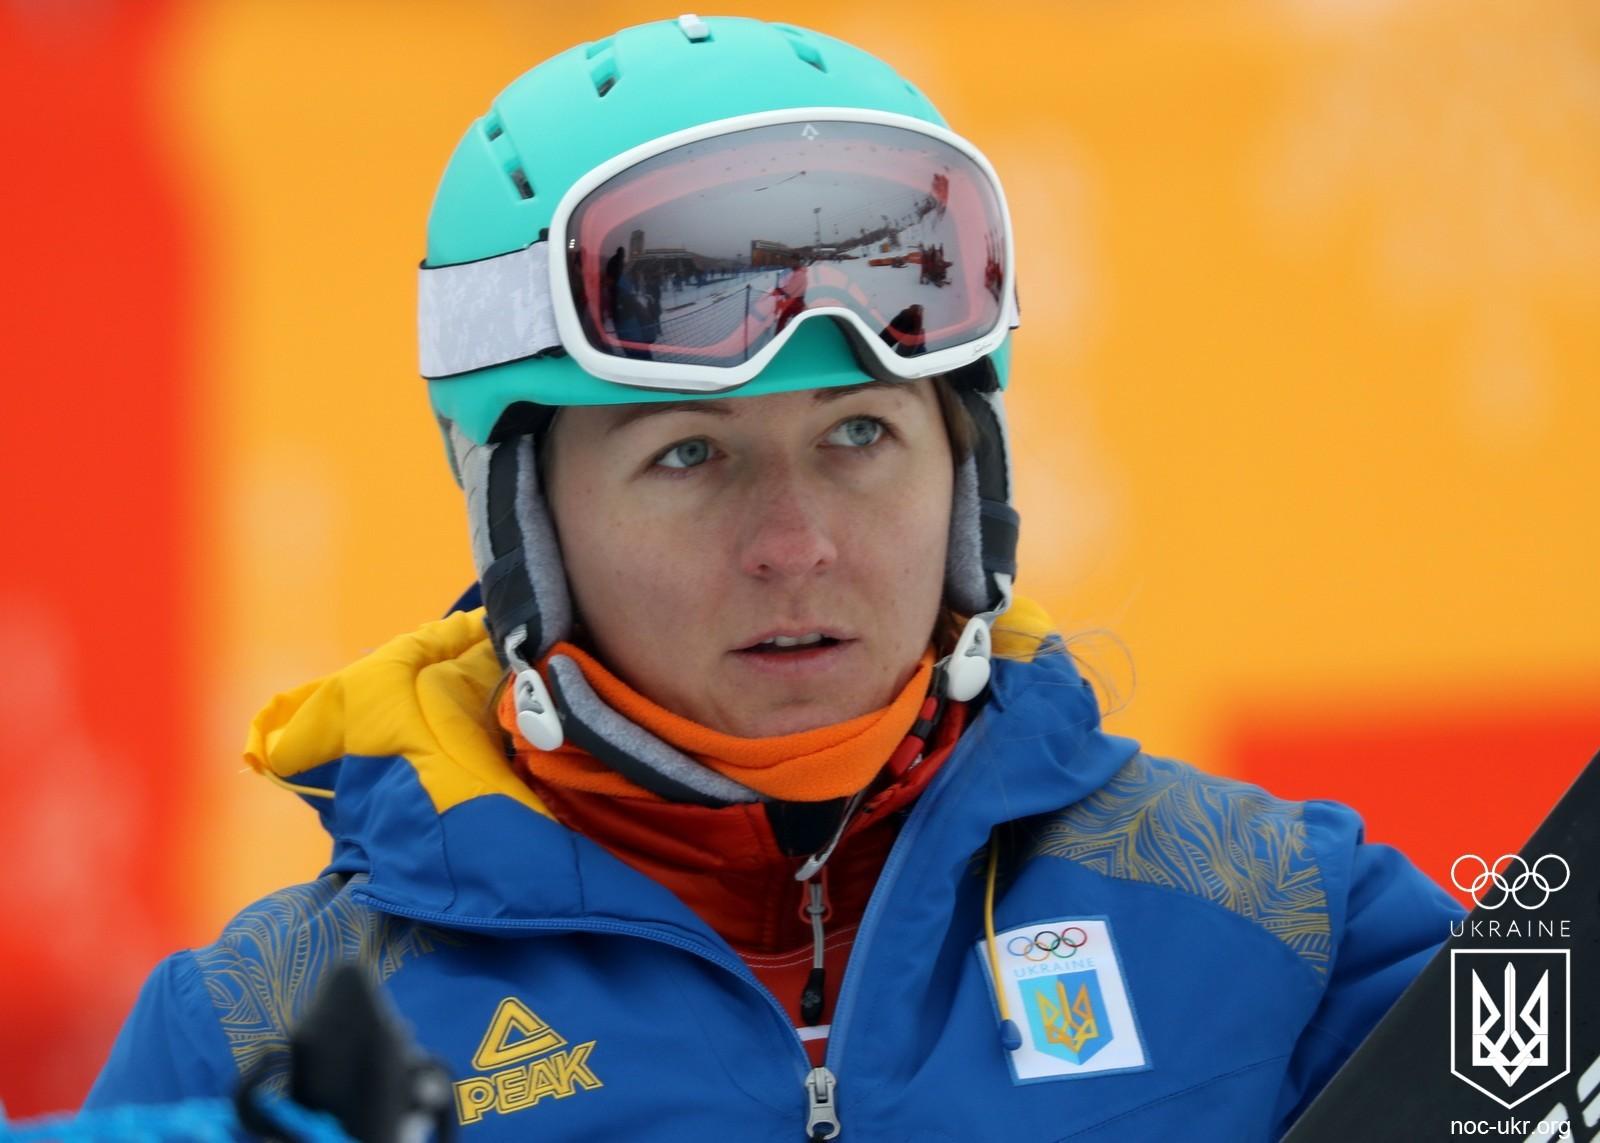 Закарпатка виграла ще одну нагороду на Кубку Європи зі сноубордингу